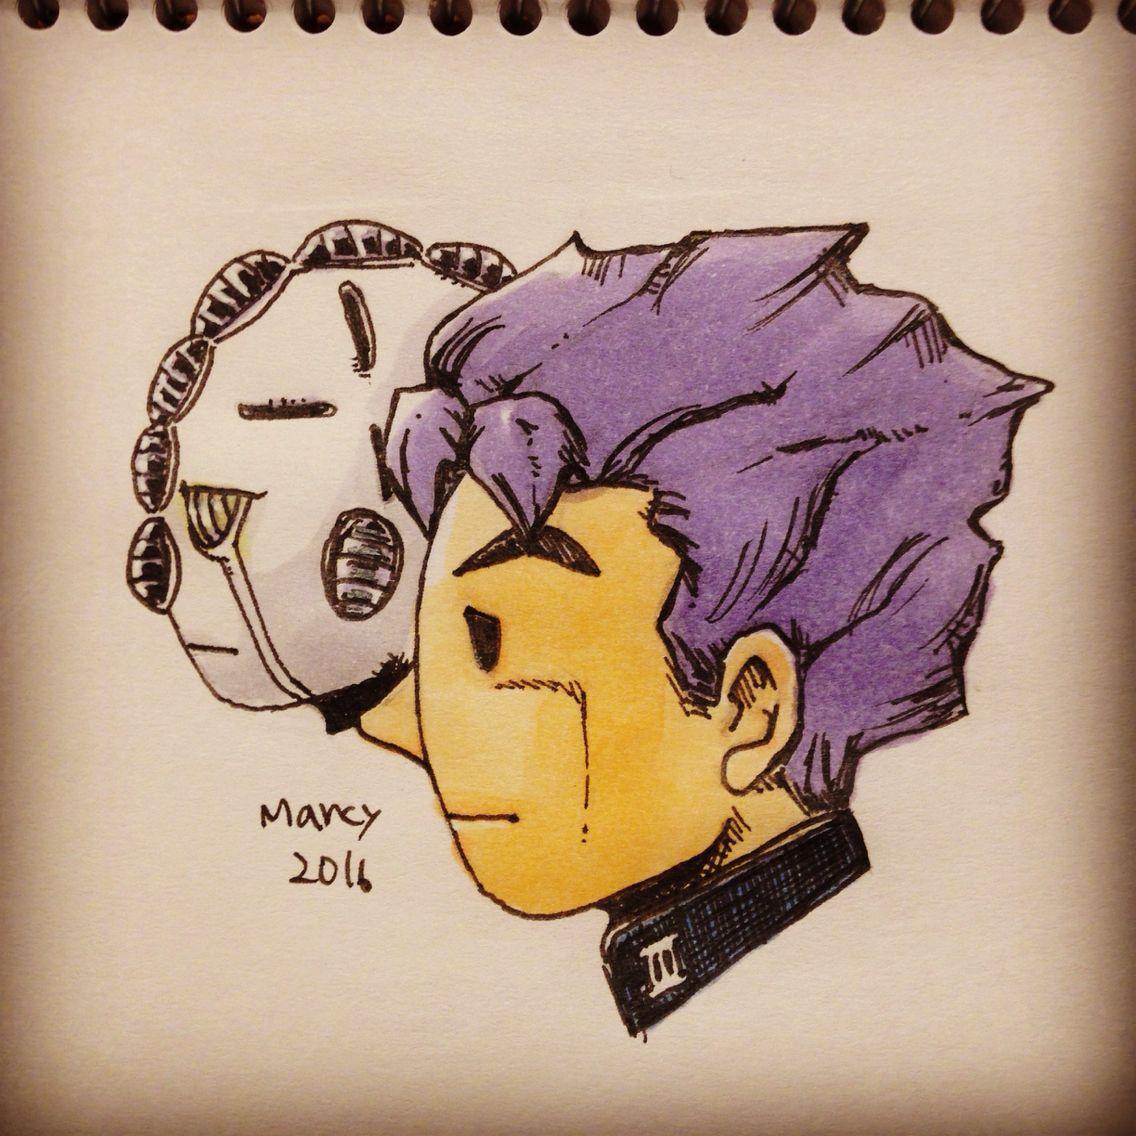 広瀬康一 #illustration #sketch #drawing #jojo #fanart